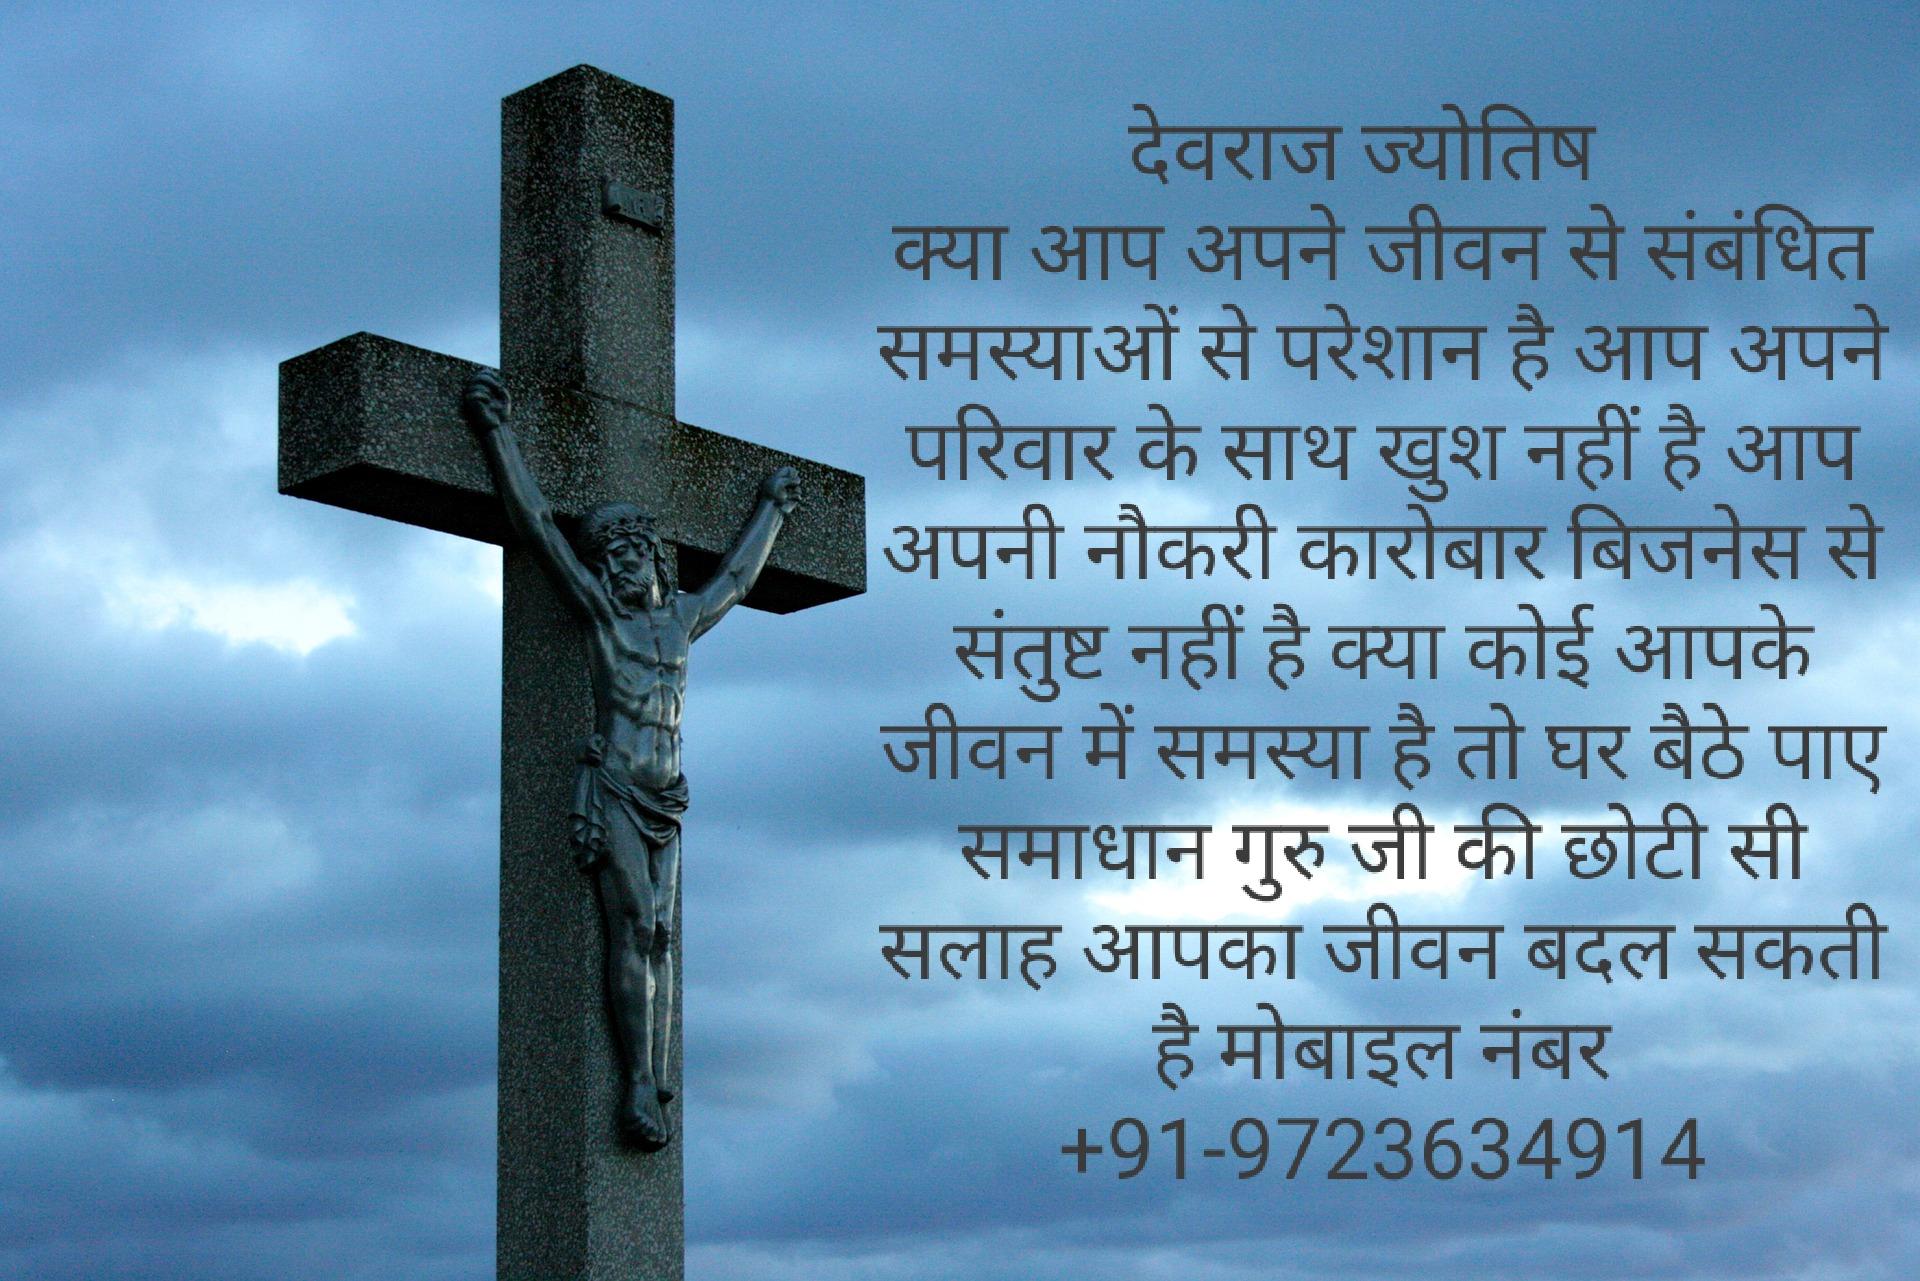 Devraj JyotishSurat